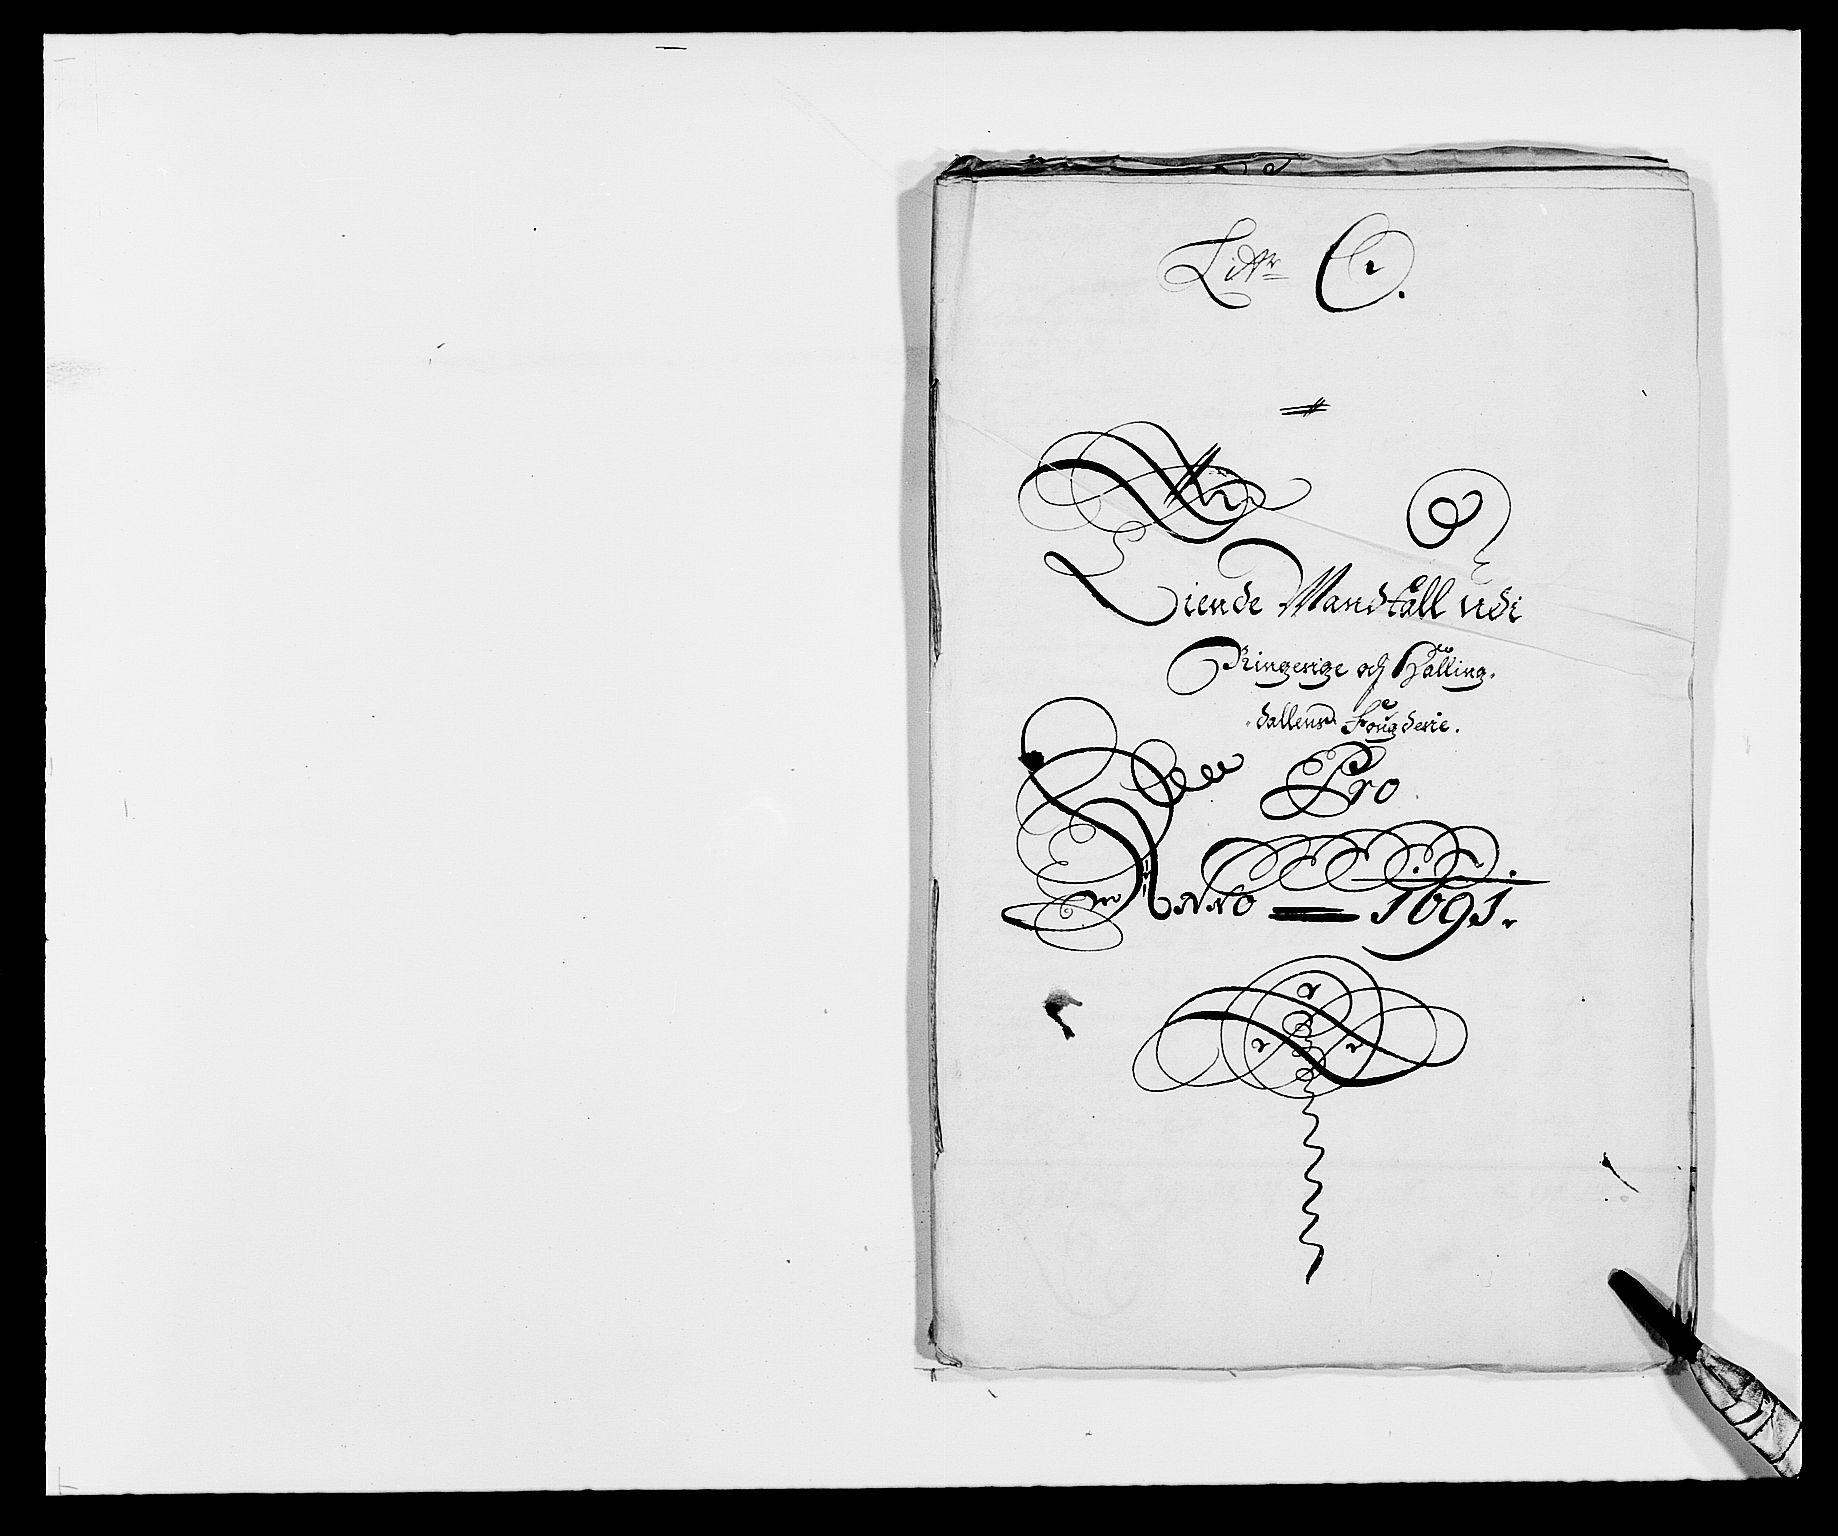 RA, Rentekammeret inntil 1814, Reviderte regnskaper, Fogderegnskap, R21/L1448: Fogderegnskap Ringerike og Hallingdal, 1690-1692, s. 288